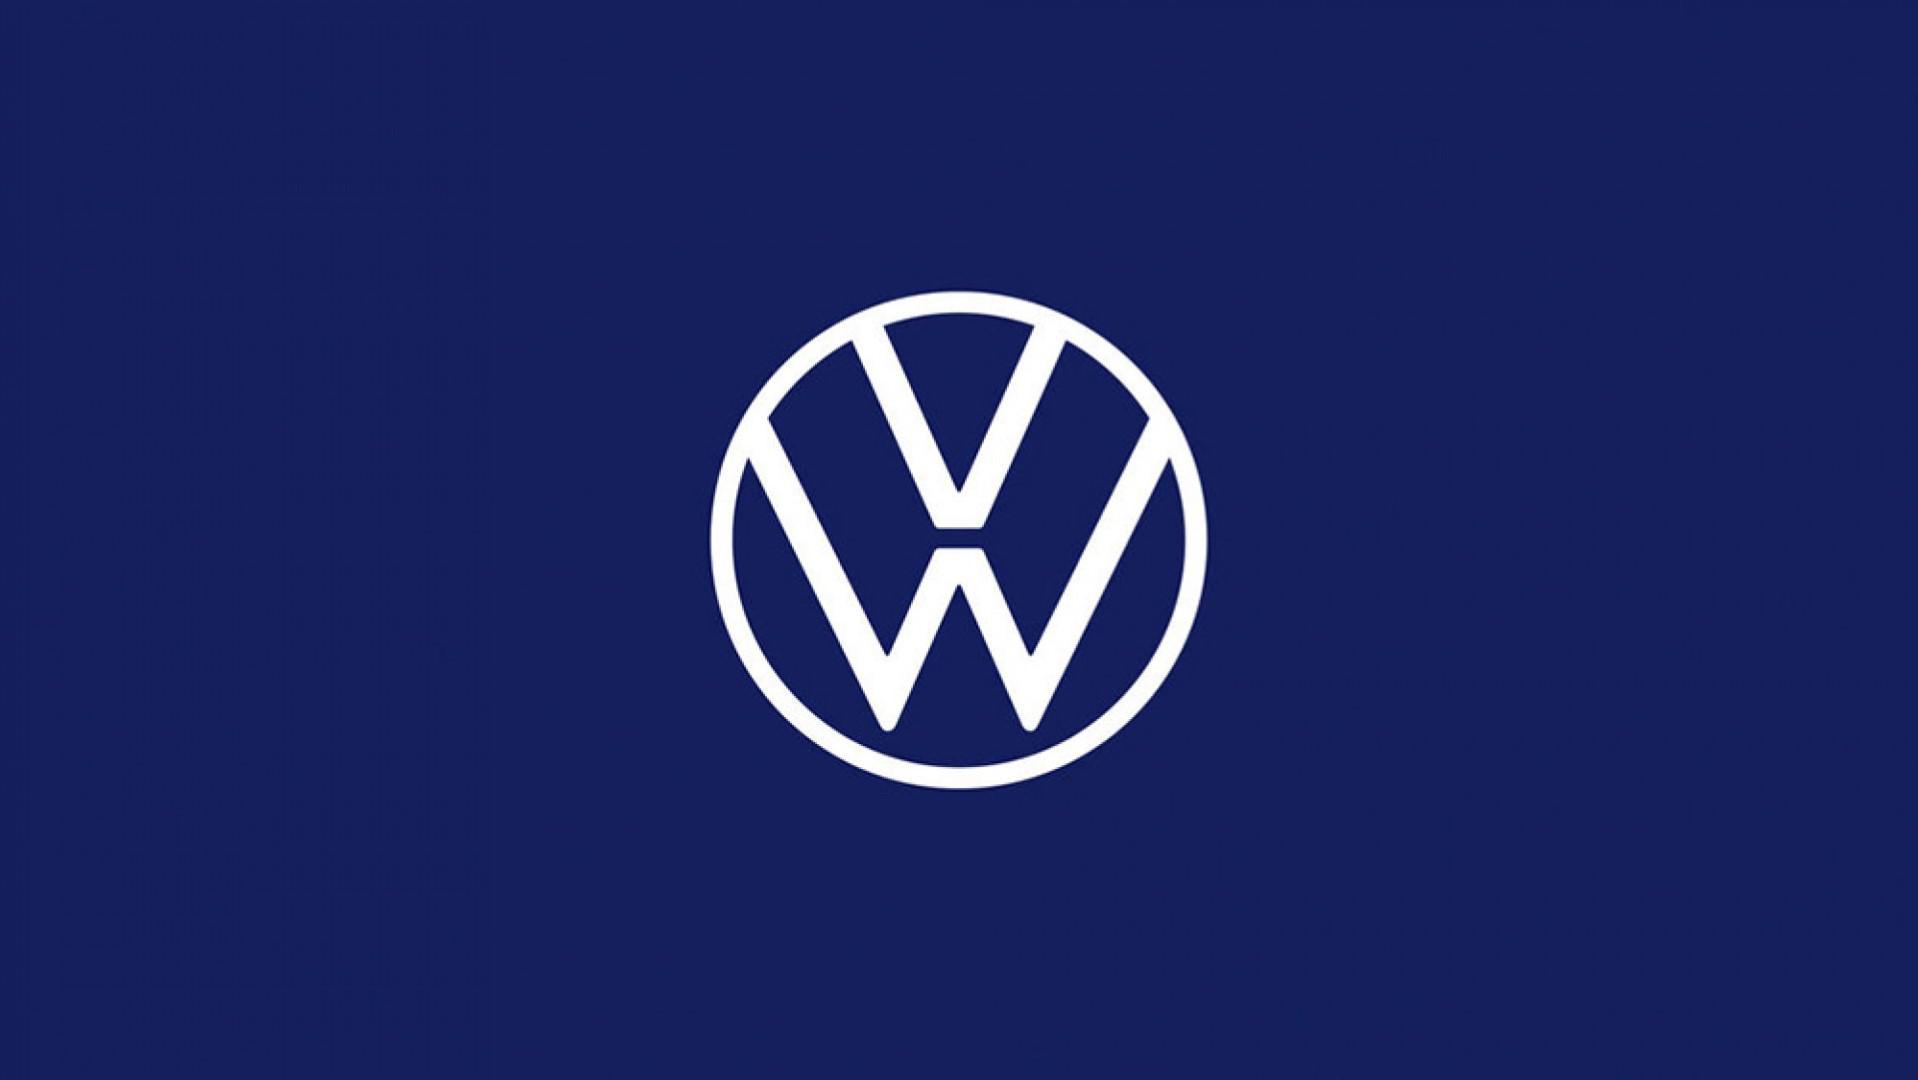 Exclu: À savoir concernant la marque Volkswagen …